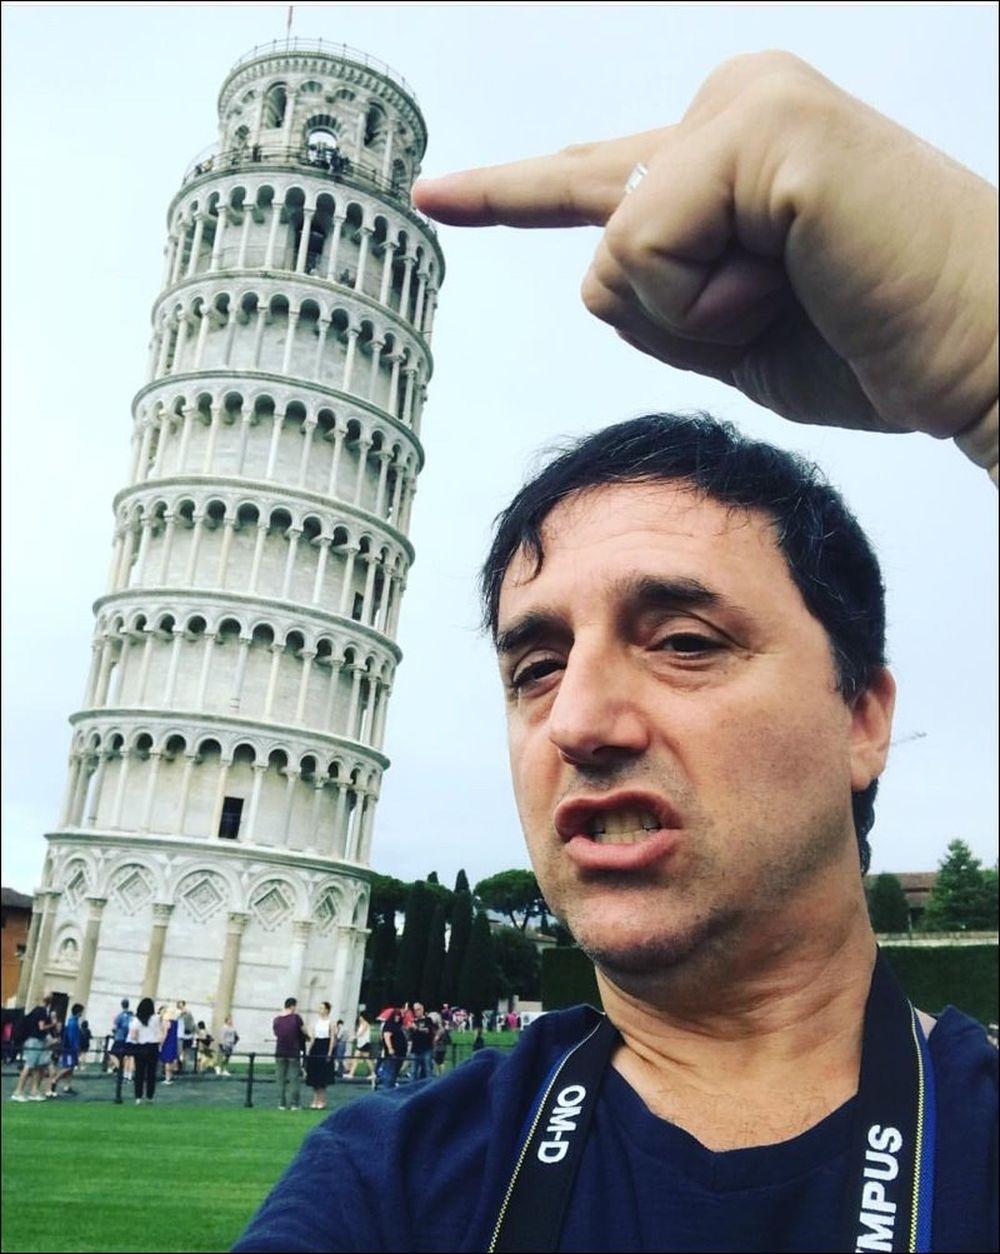 Một cách để chụp ảnh selfie cùng với các thắng cảnh là áp dụng hiệu ứng gần - xa như ảnh trên đây, ảnh trông sẽ vừa ấn tượng và cũng giúp ...